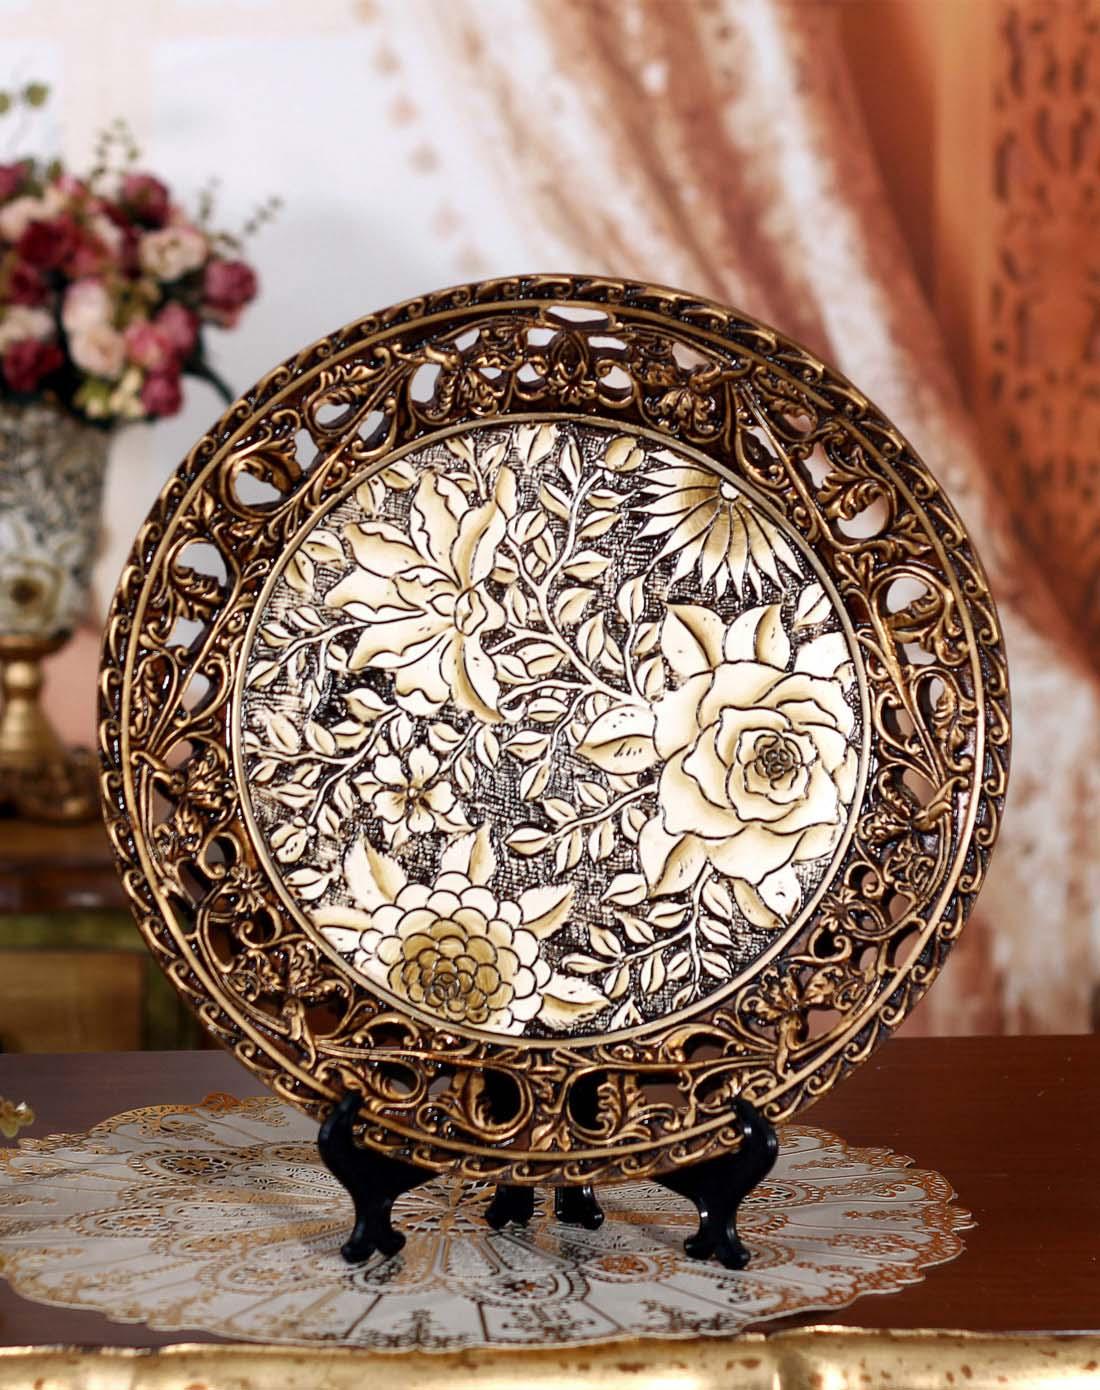 上居逸品 欧式奢华玫瑰雕花装饰盘